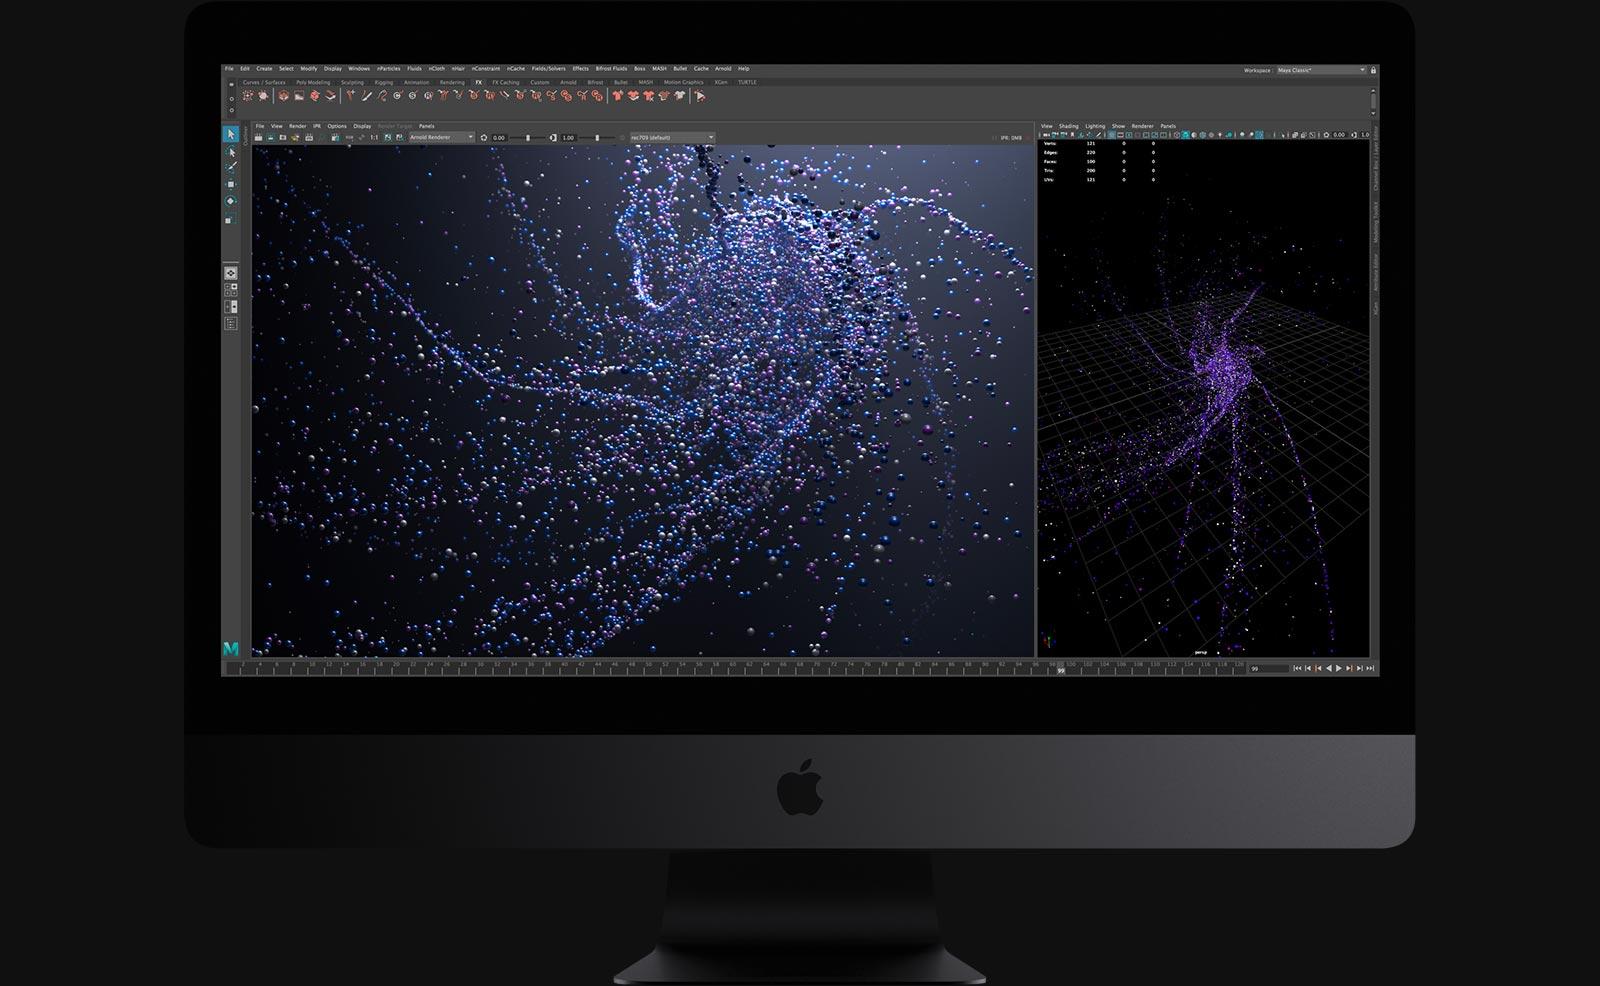 iMac Pro Particle